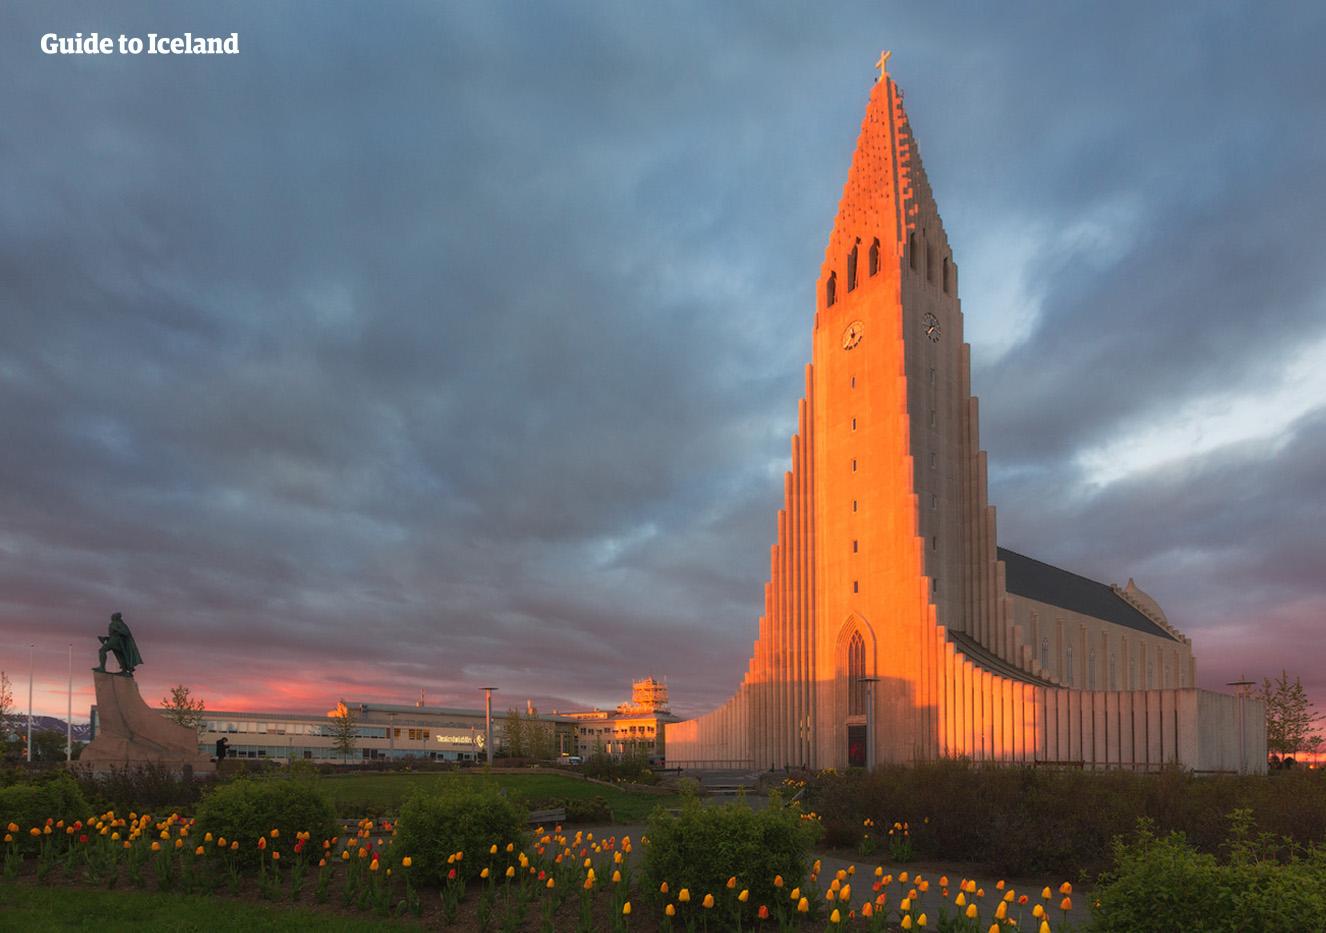 Słynny kościół Hallgrimskirkja w stolicy Islandii - Reykjaviku.